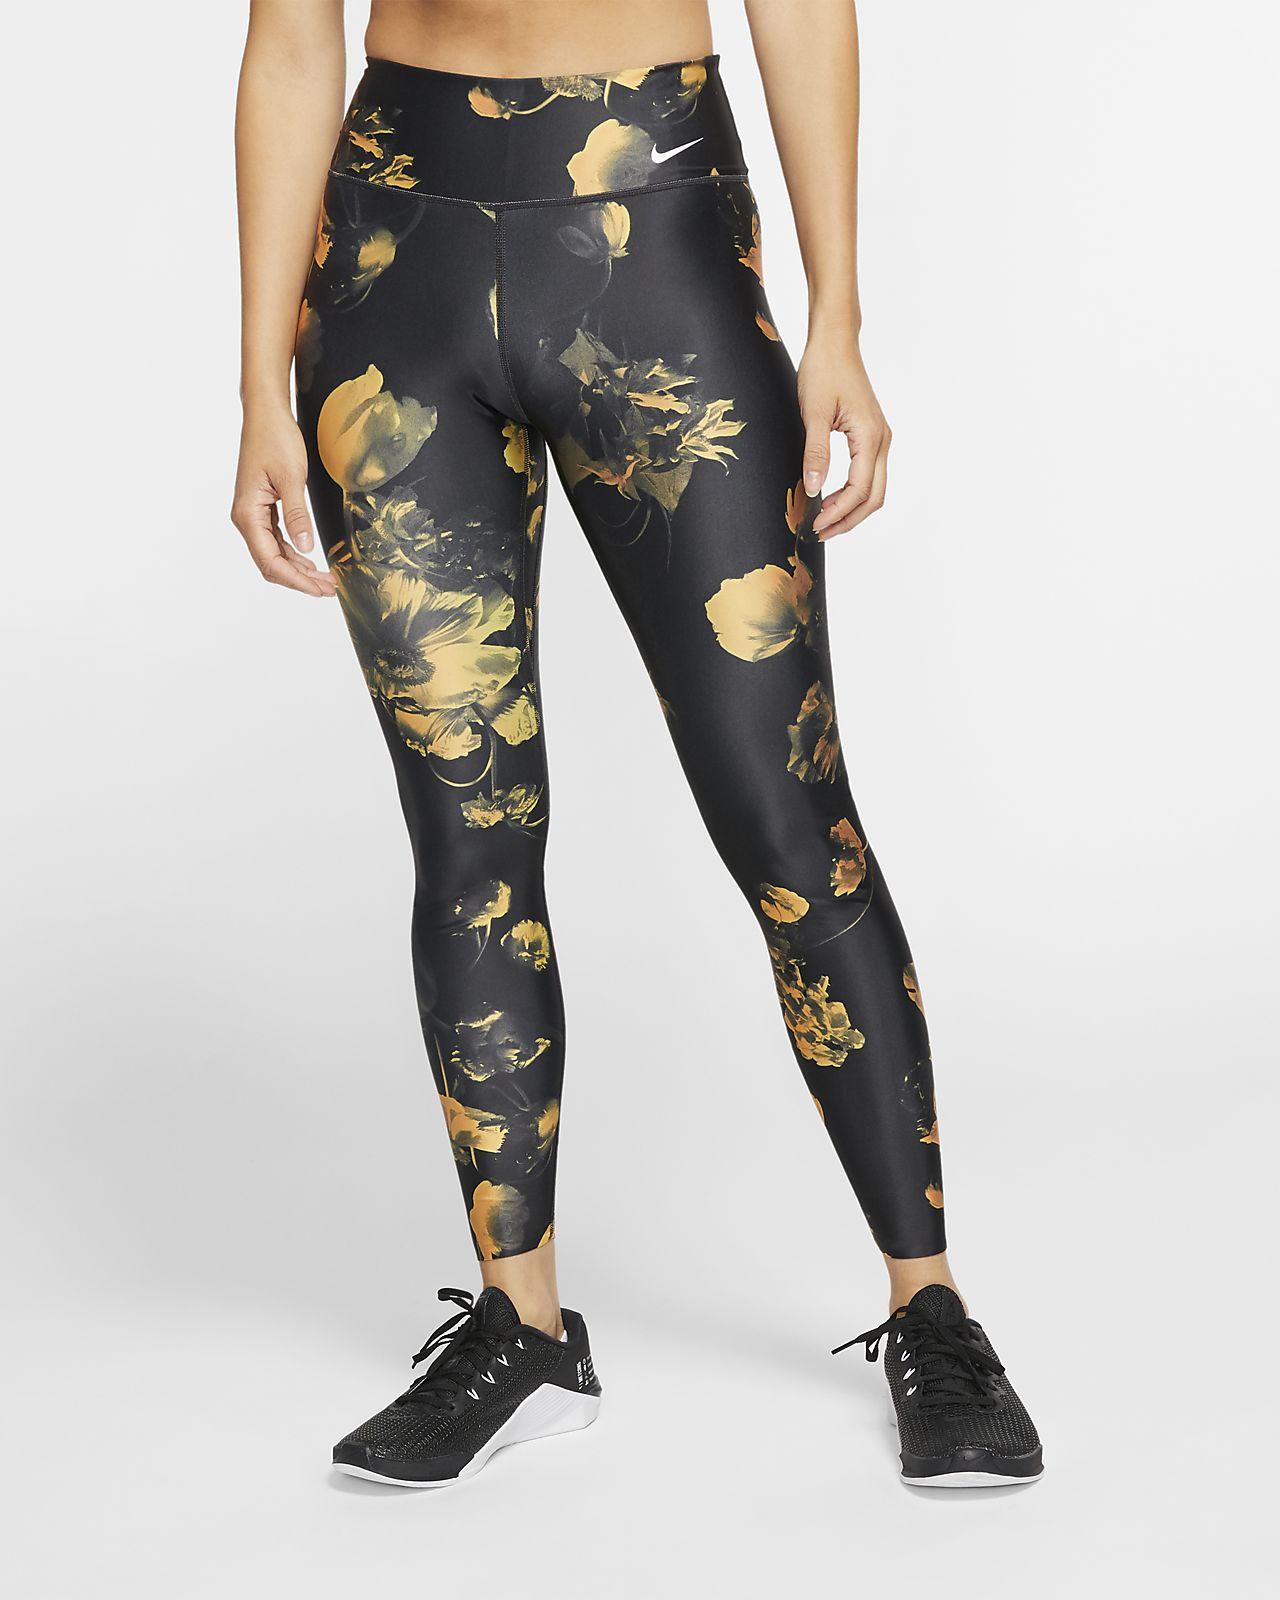 Legging de training à motif floral Nike Power pour Femme